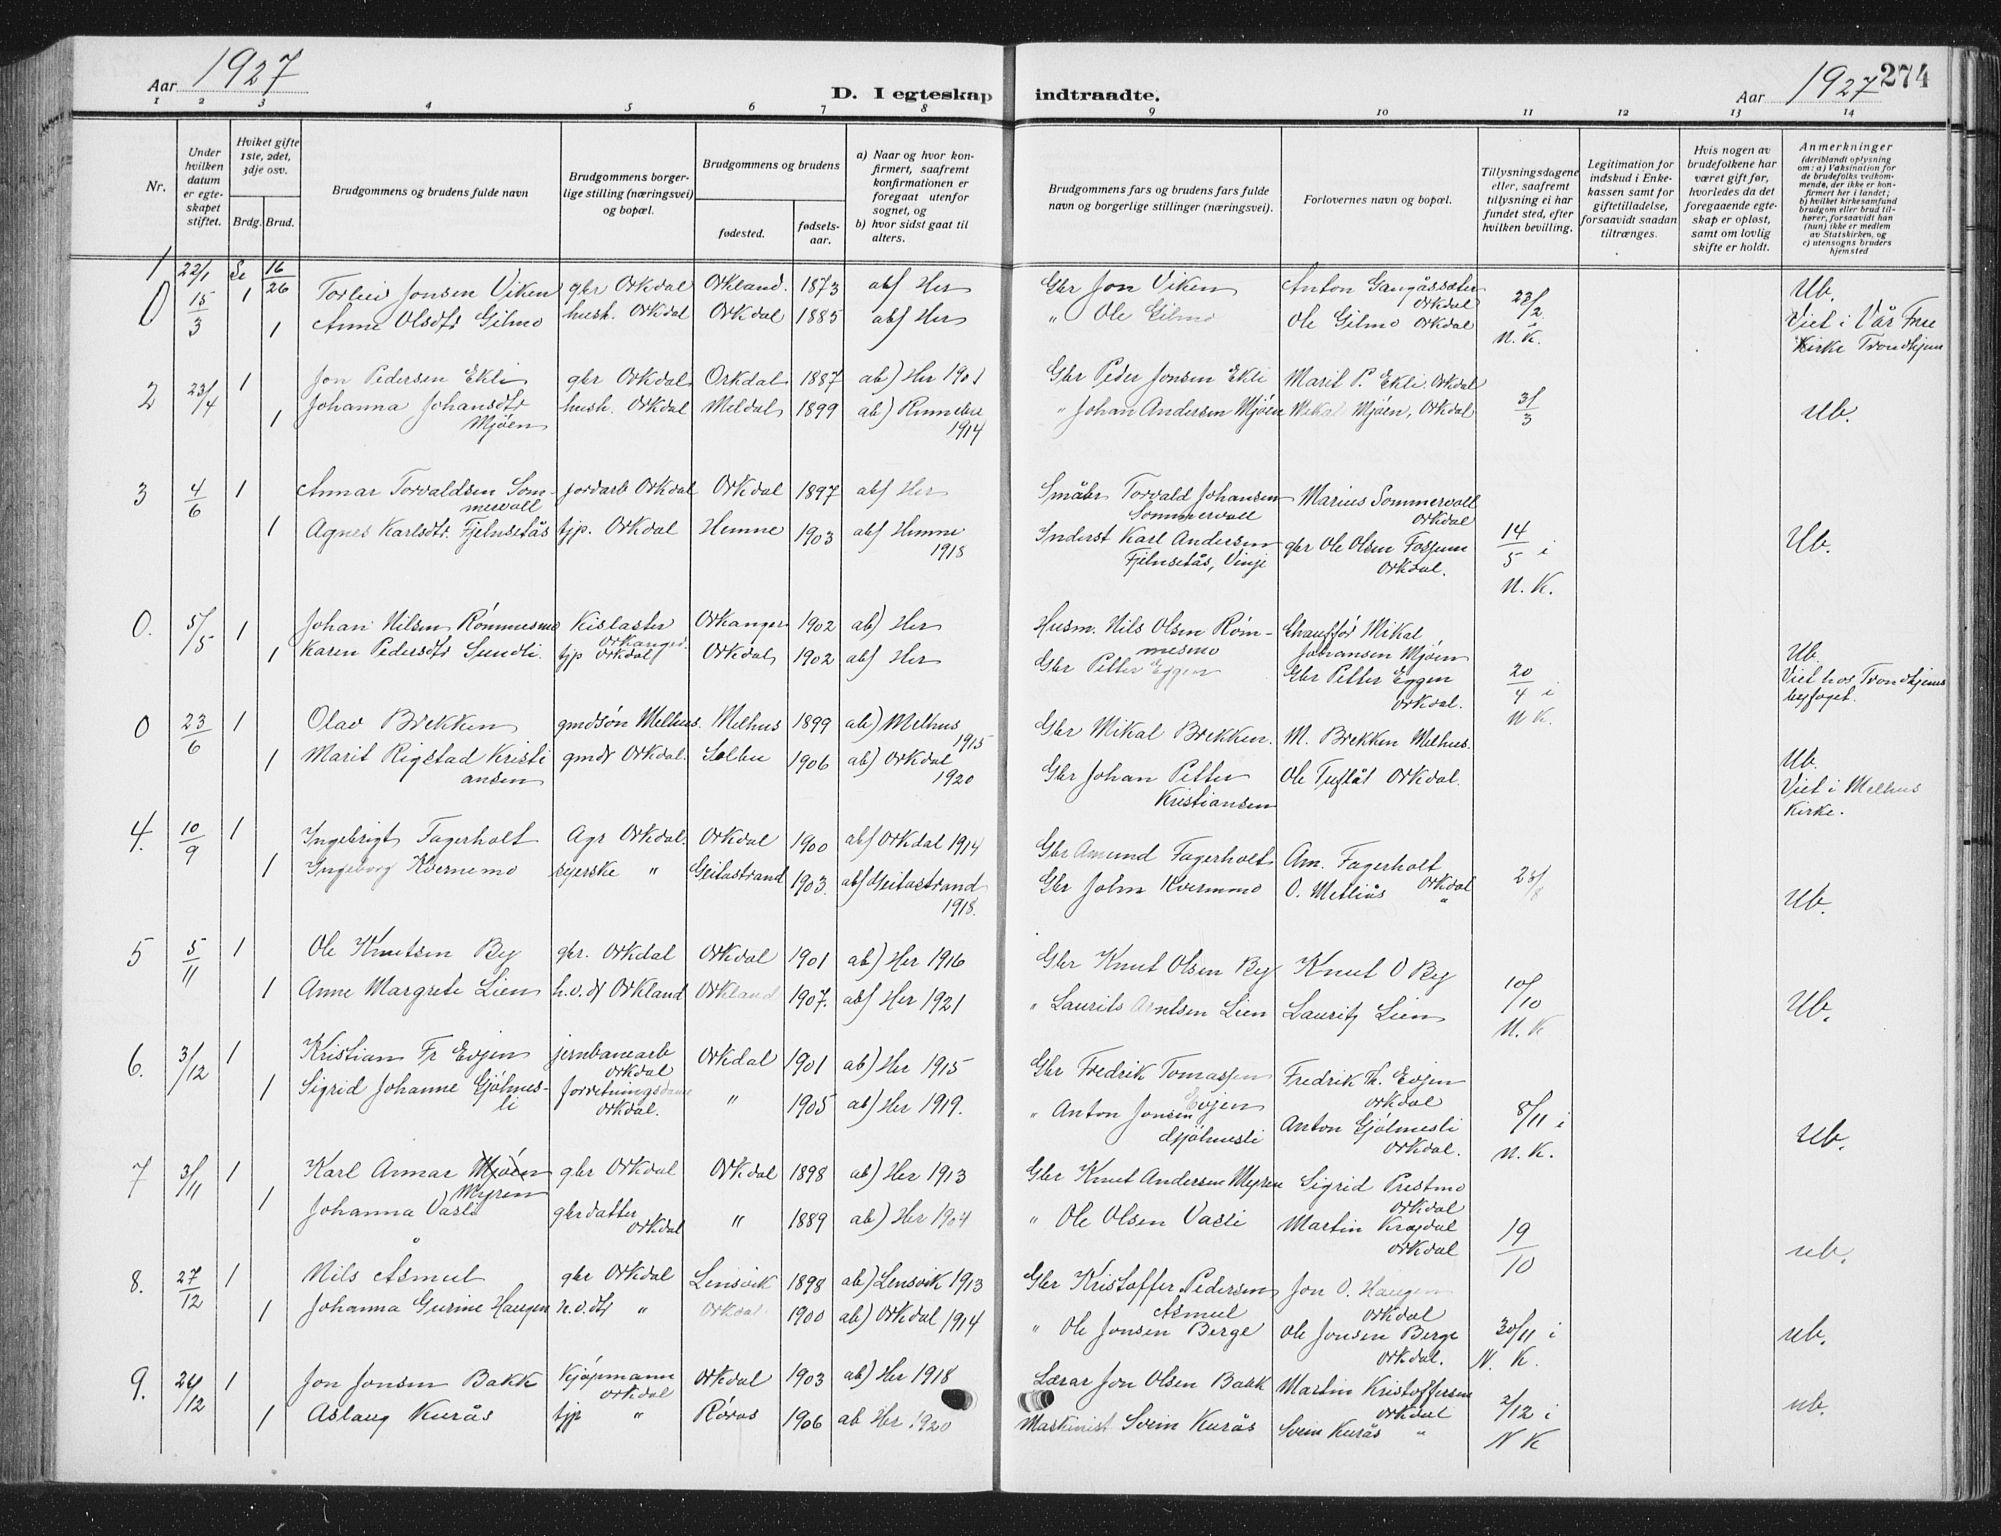 SAT, Ministerialprotokoller, klokkerbøker og fødselsregistre - Sør-Trøndelag, 668/L0820: Klokkerbok nr. 668C09, 1912-1936, s. 274